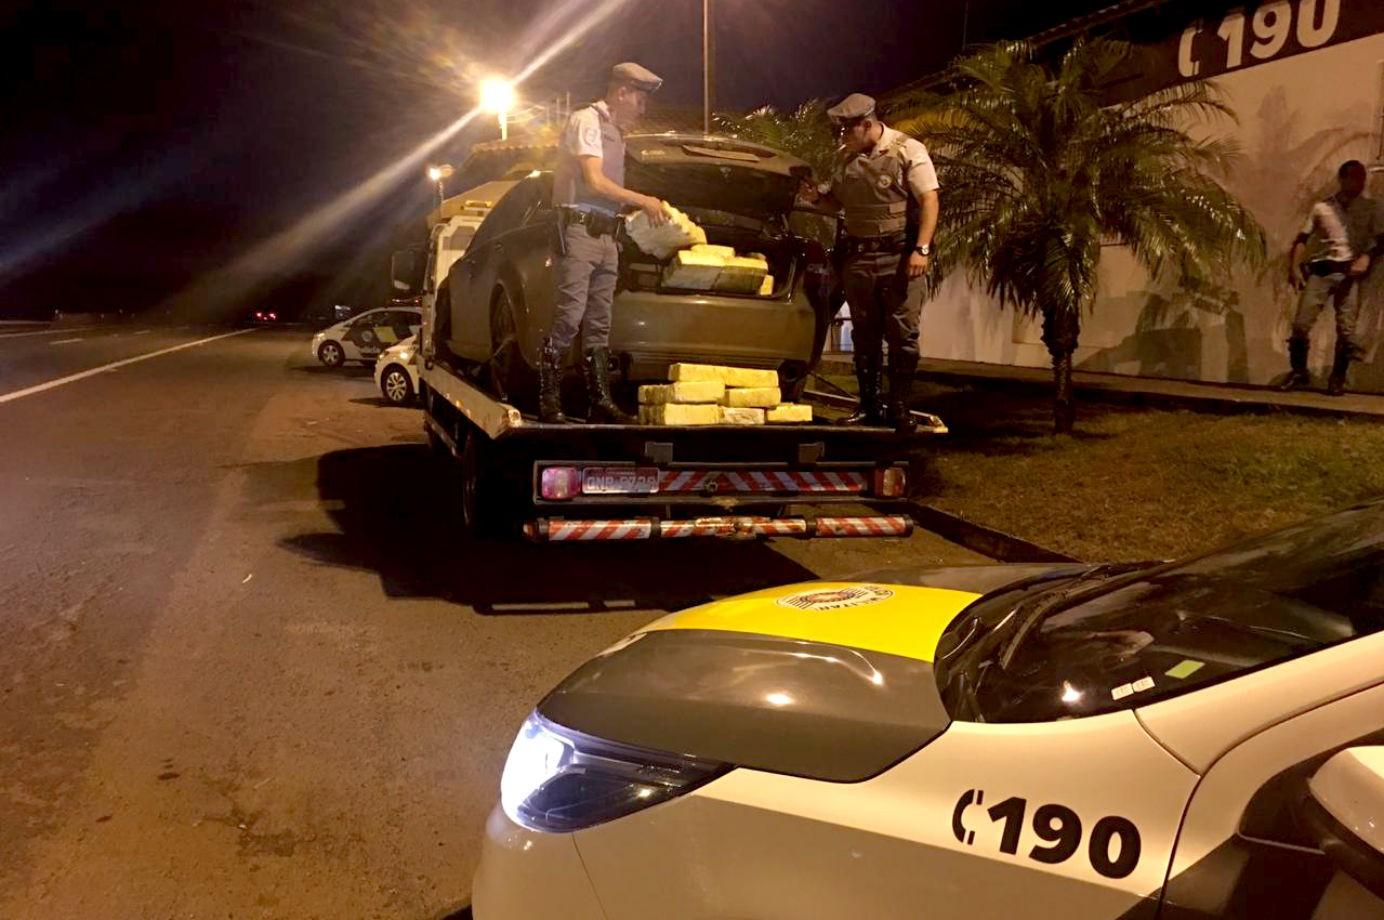 Polícia apreende 300 quilos de maconha dentro de carro que estava sendo guinchado em rodovia - Notícias - Plantão Diário